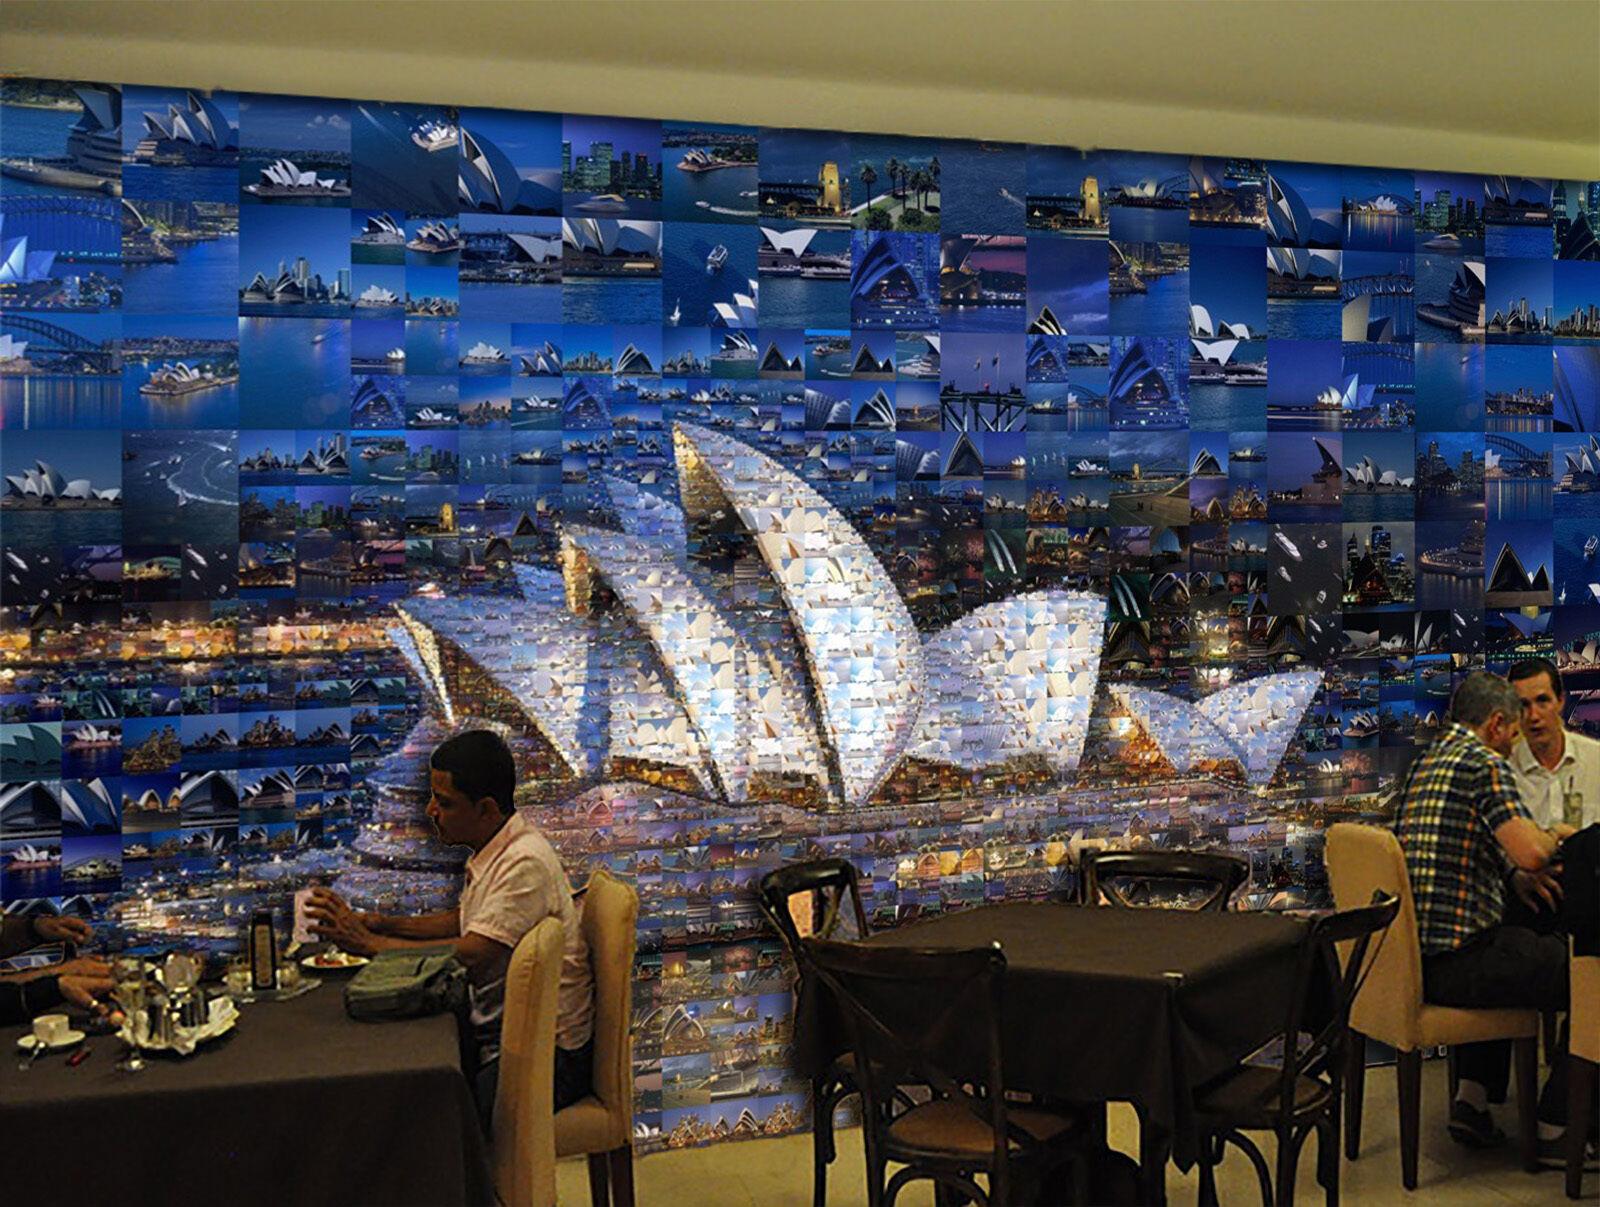 3D Sydney Oper 4 Fototapeten Wandbild Fototapete Bild Tapete Familie Kinder